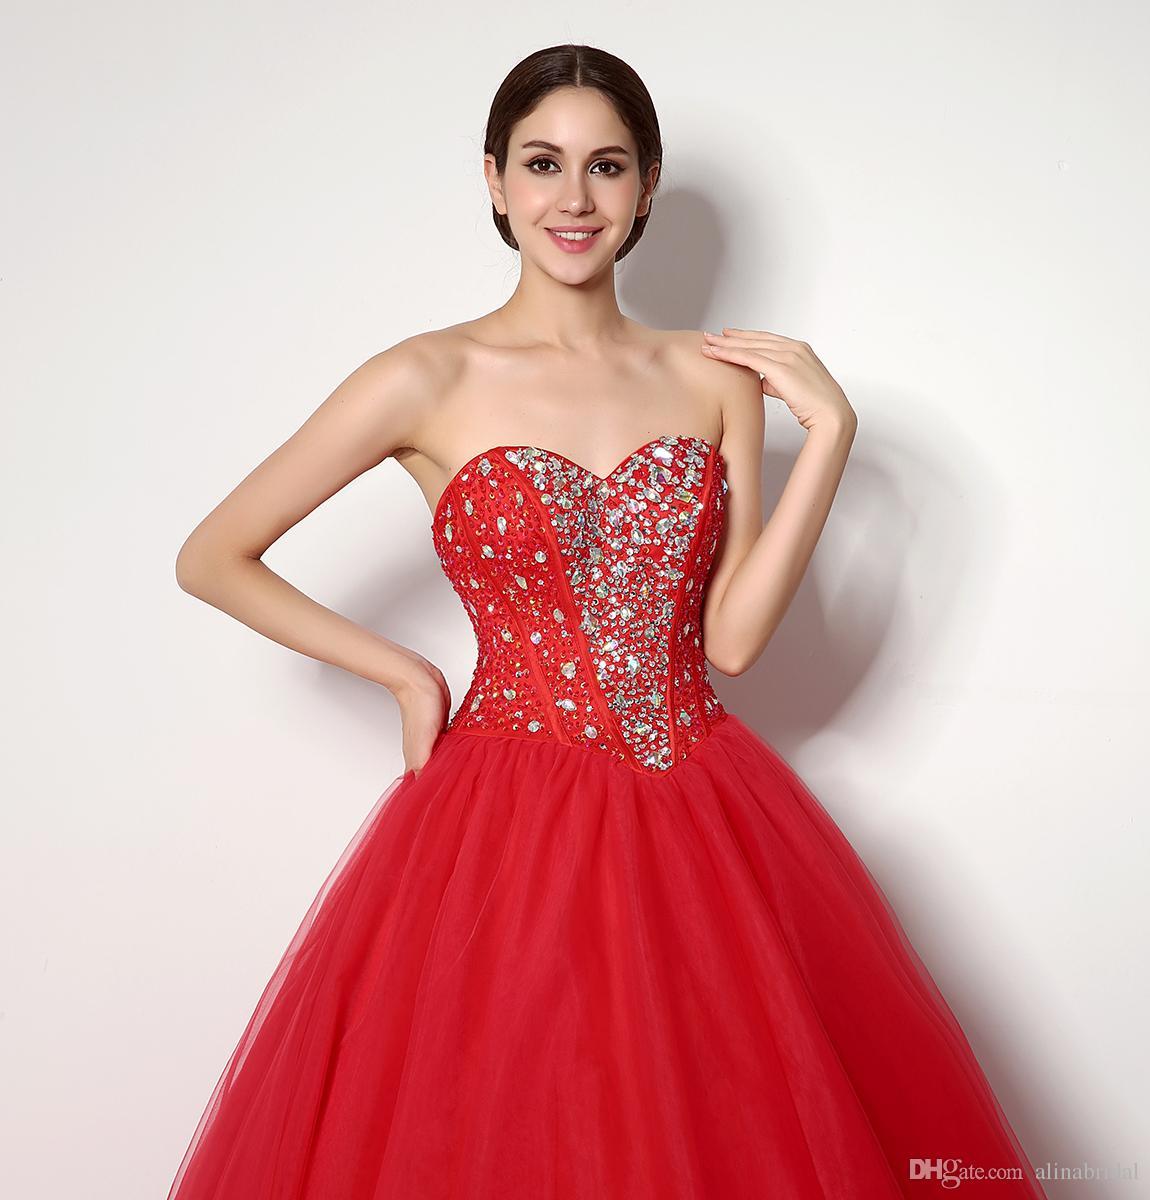 Günstige Im Lager Red Promkleider 2018 Crystals Schatz-Ballkleid-Bonbon-16 Kleid Tulle hohe Quanlity Vestidos 15 Partei-Abschlussball-Kleider